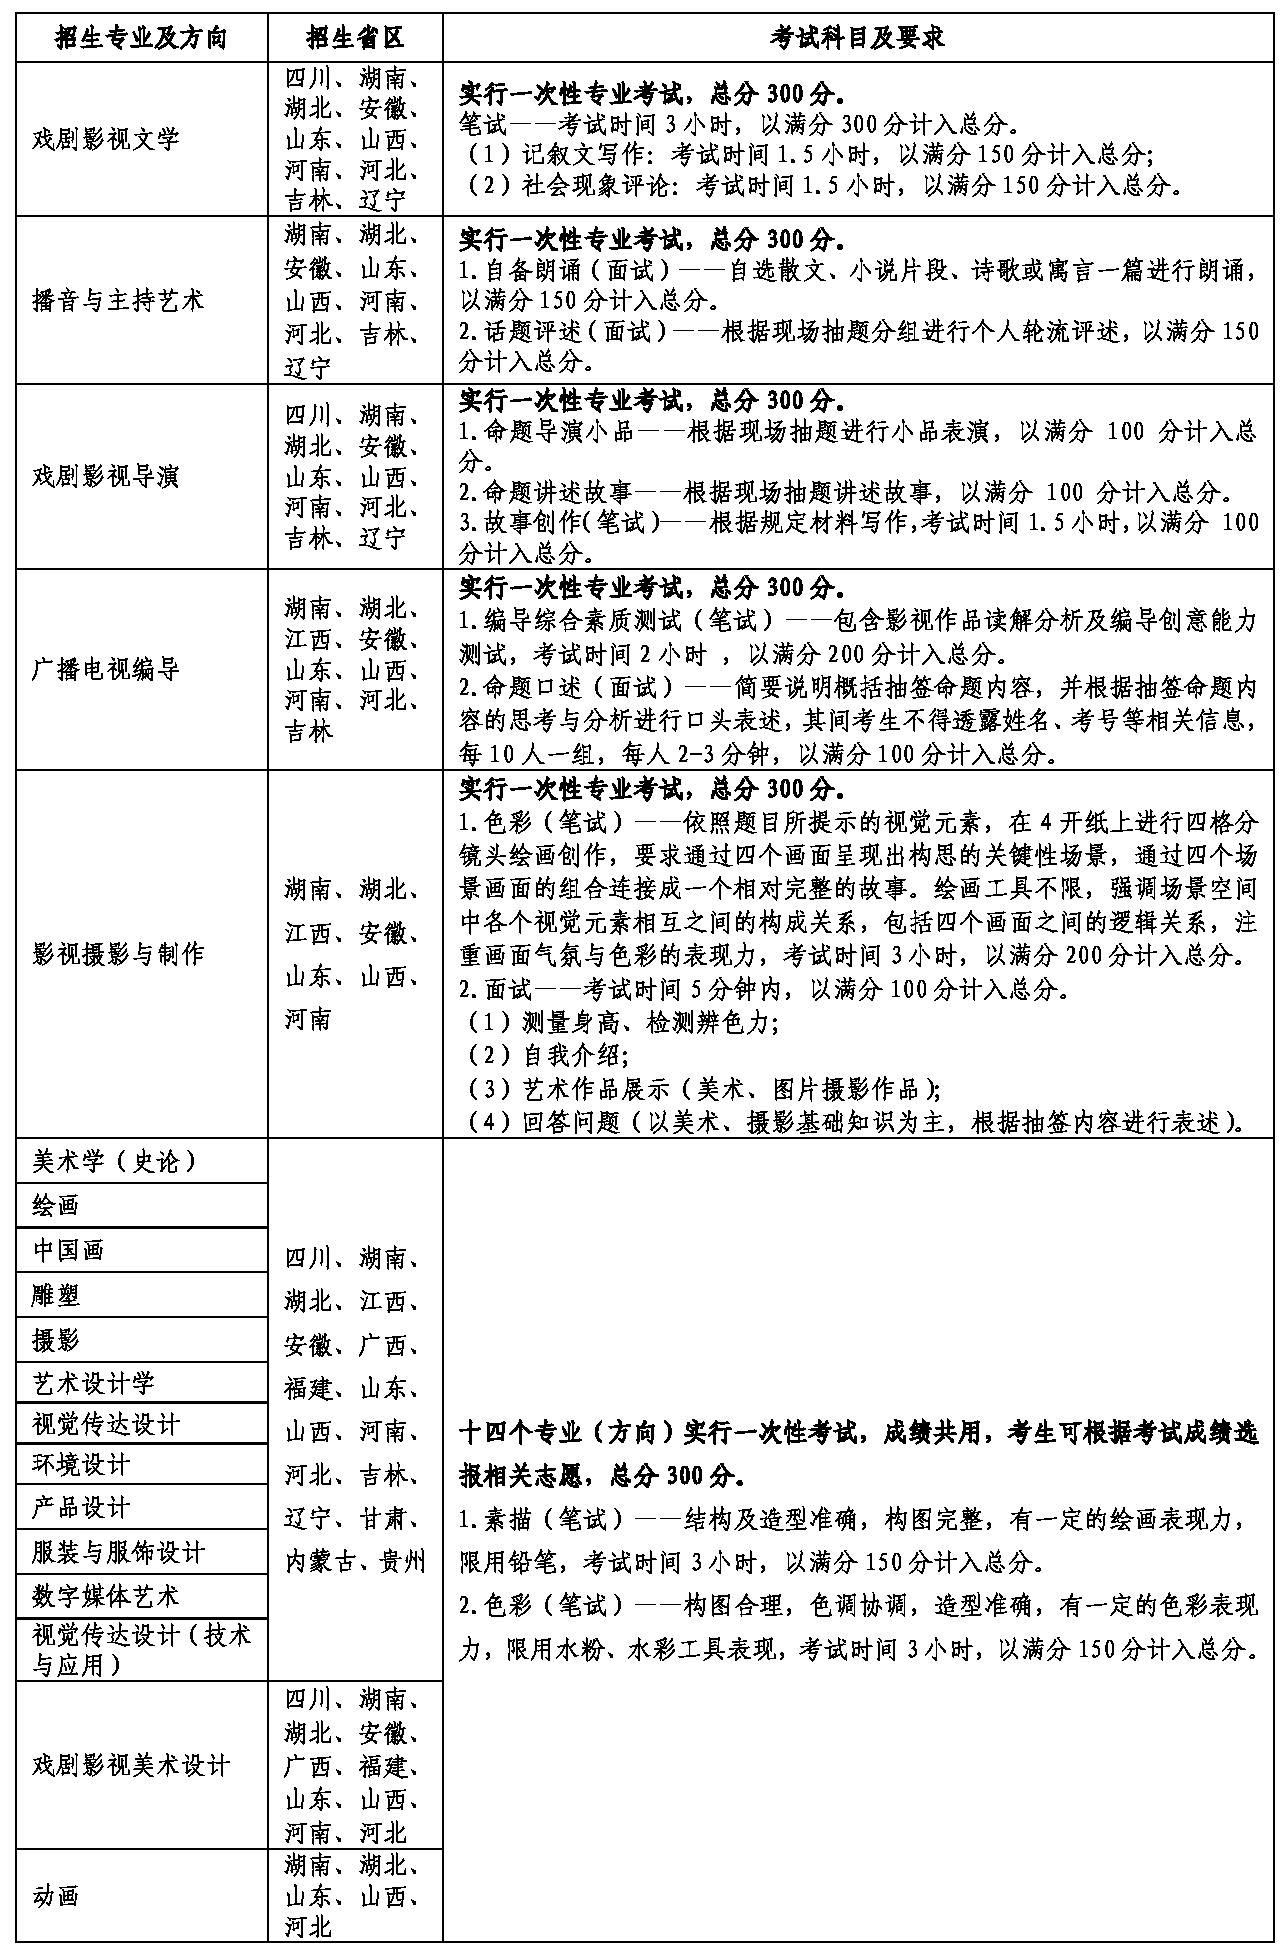 台灣藝術學院(省外)2019年各專業招生省分、測驗科目及請求